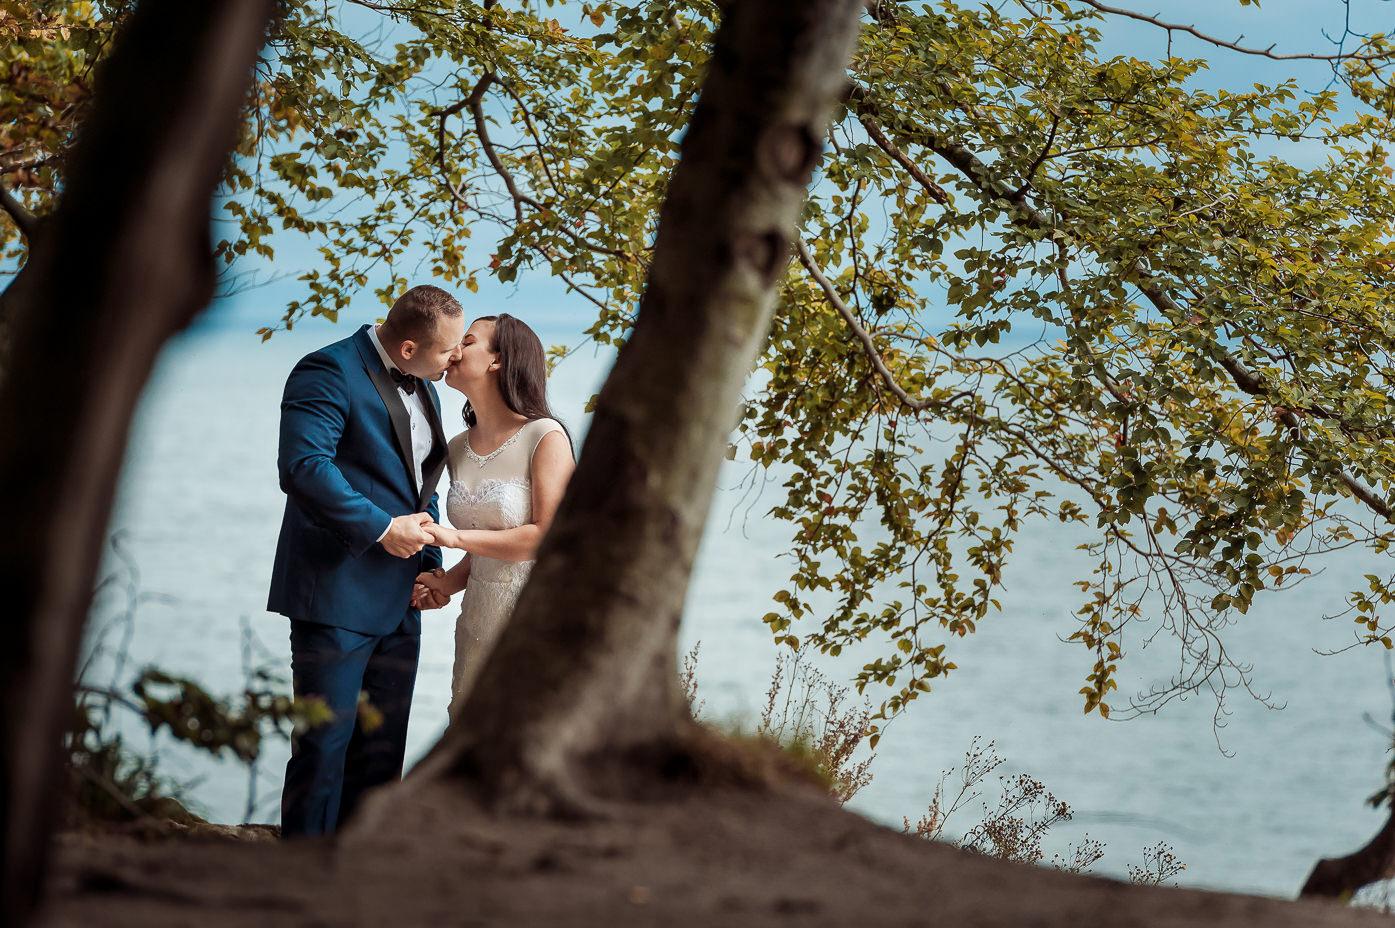 sesja ślubna nad morzem fotograf-weselny-Elbląg-fotografia-ślubna-Elbląg-sesja-ślubna-Elbląg